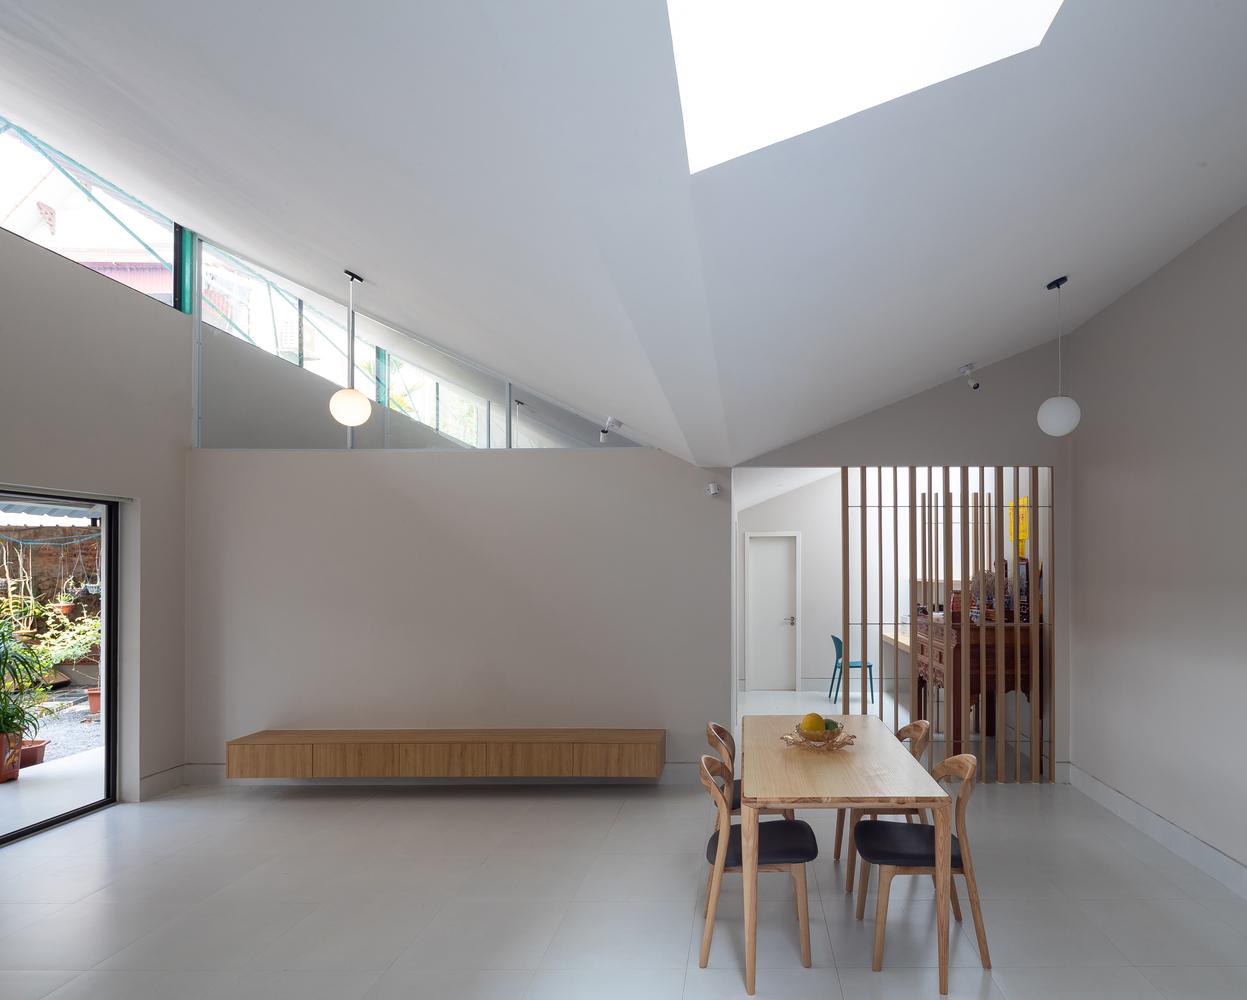 Các khe hở, khoảng trống trên mái được thiết kế khéo léo để đón ánh sáng tự nhiên vào nhà và đối lưu không khí hiệu quả.